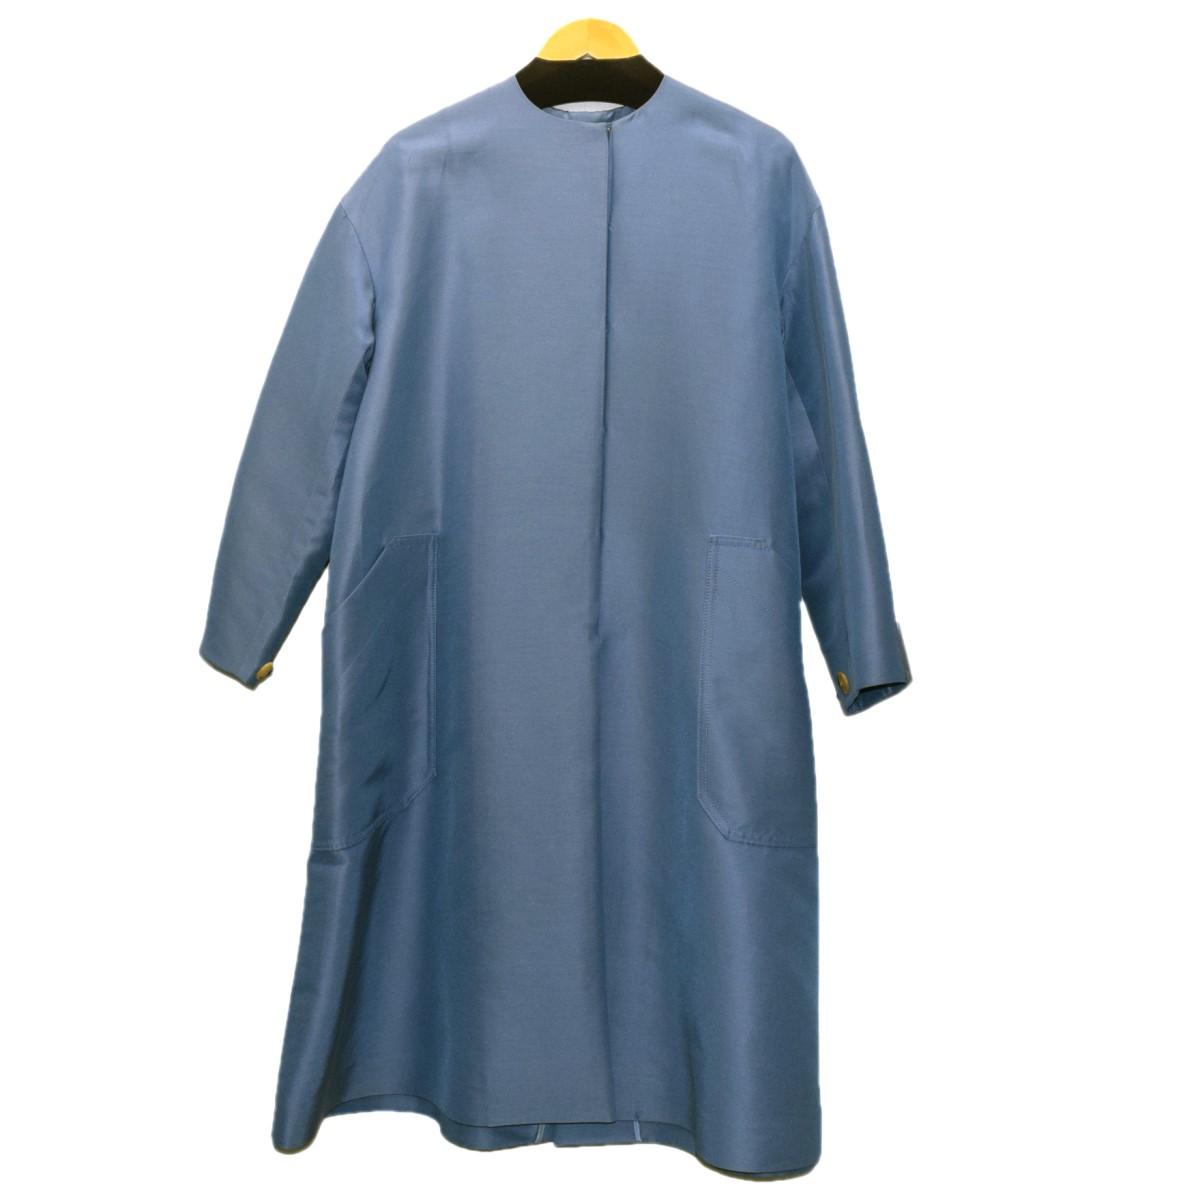 【中古】CYCLAS コットンシルクノーカラーコート ライトブルー サイズ:34 【270920】(シクラス)